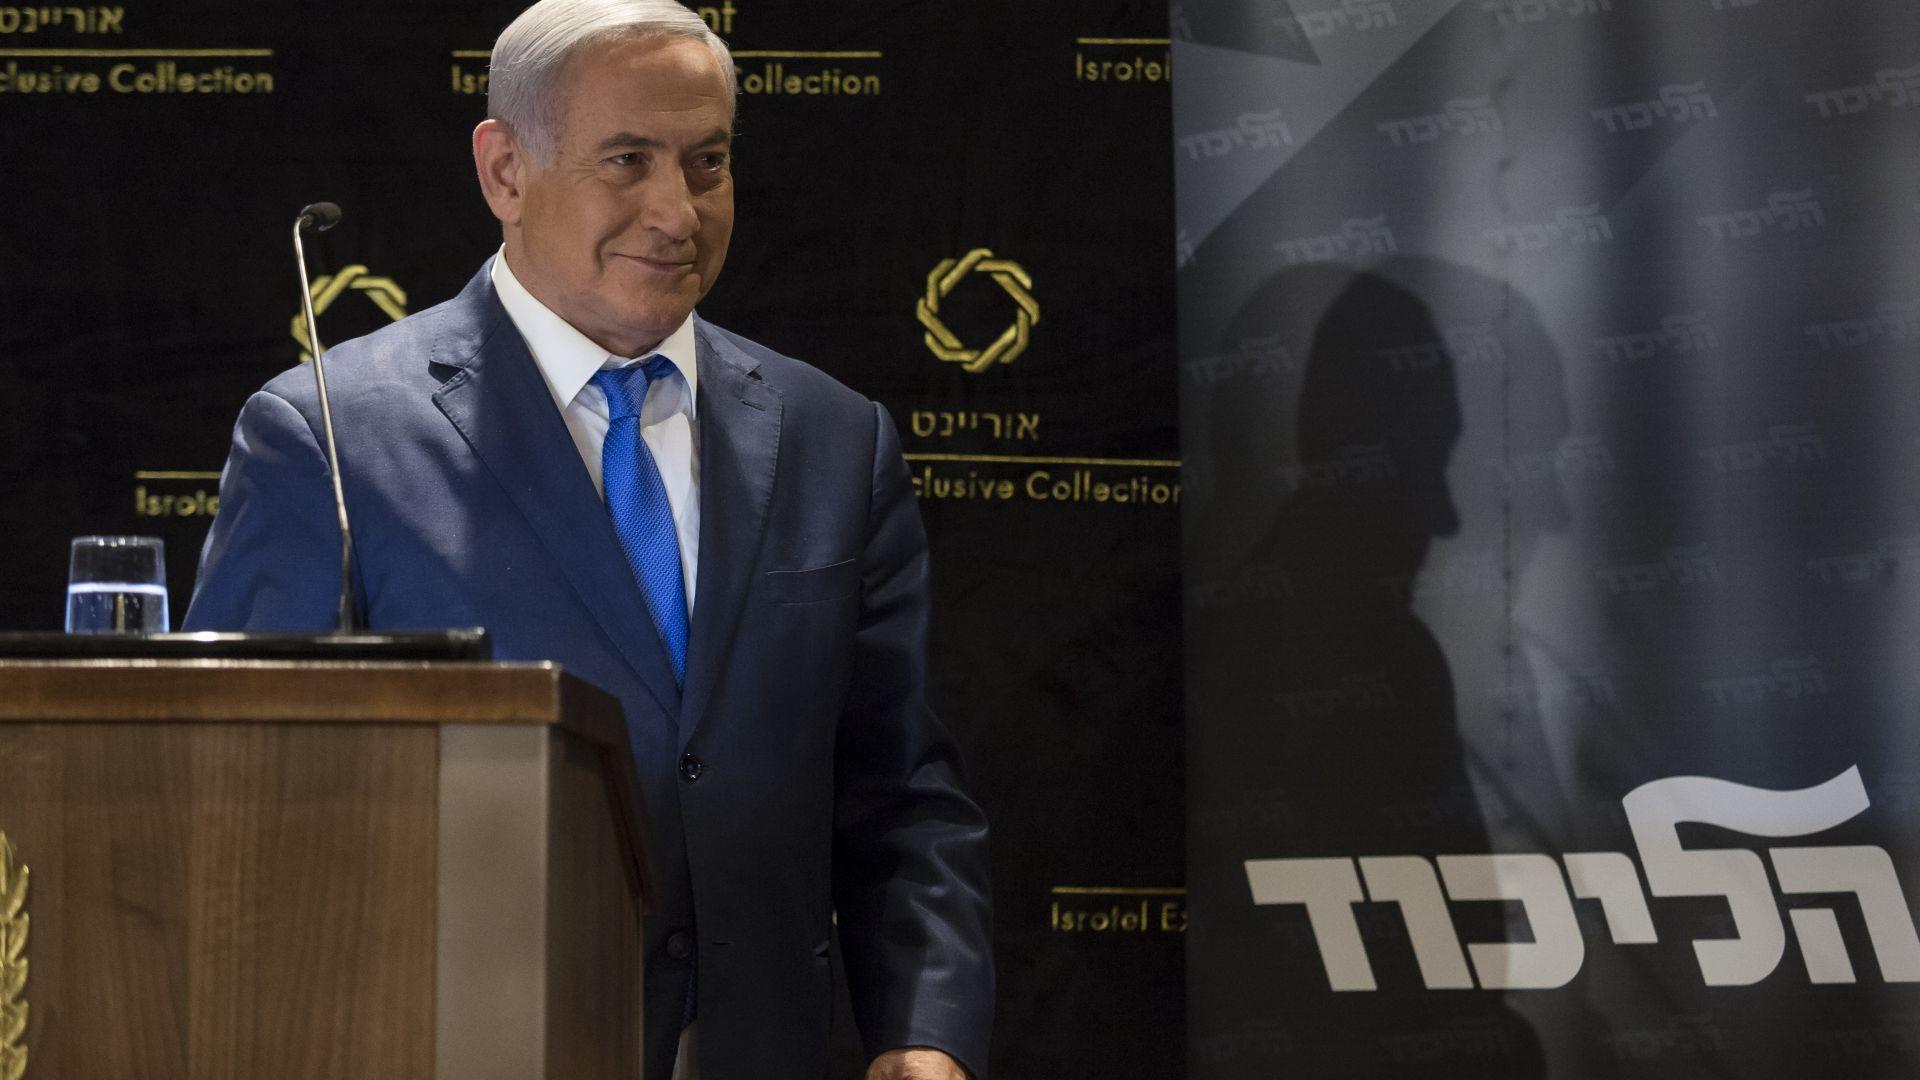 След разговор със САЩ Нетаняху забавя анексията на части от Западния бряг